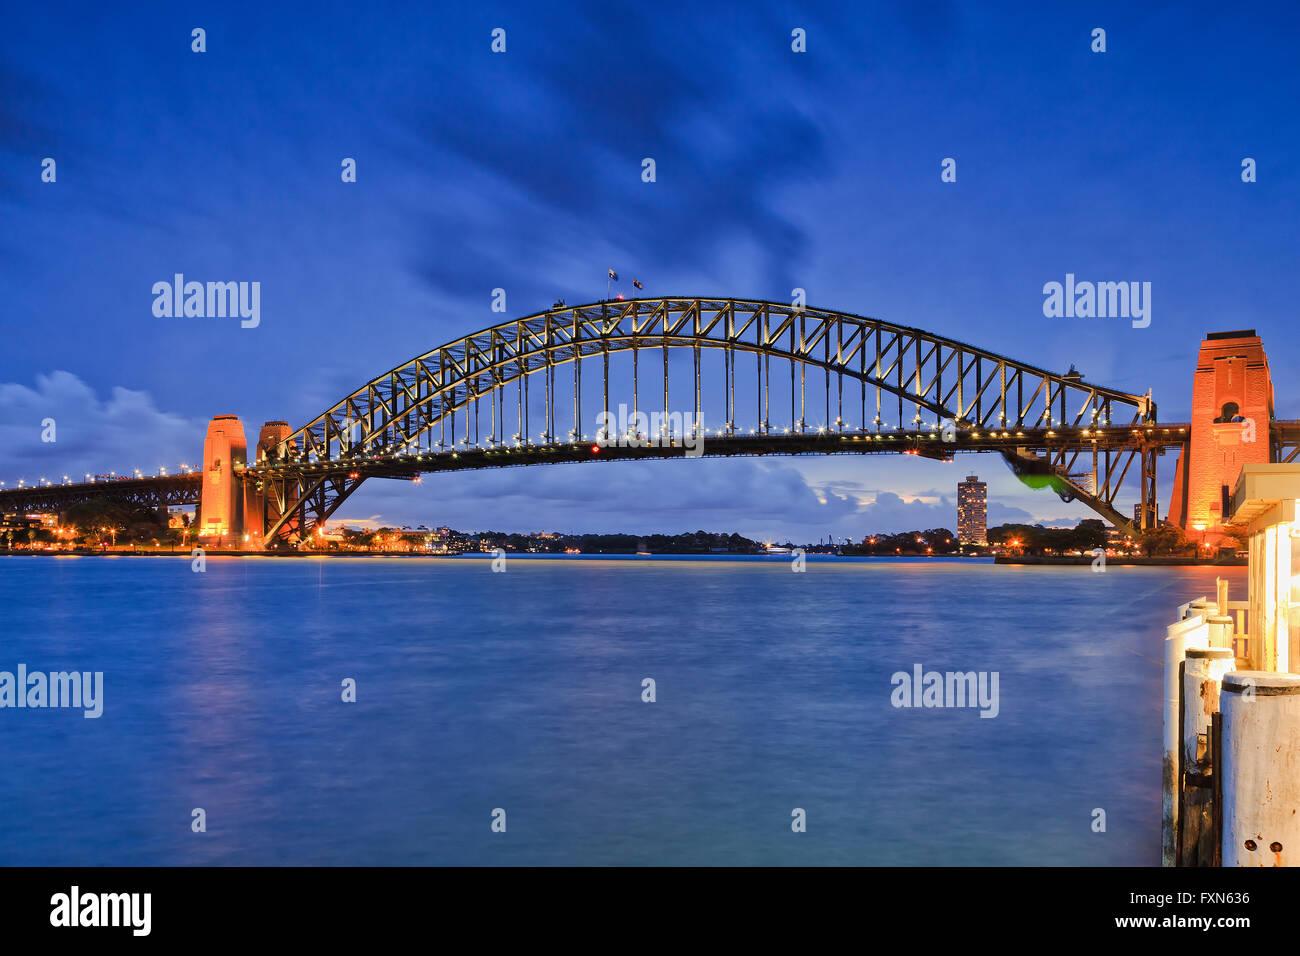 Vue latérale du pont du port de Sydney contre l'eau et bleu ciel avec sunsettign l'éclairage complet Photo Stock